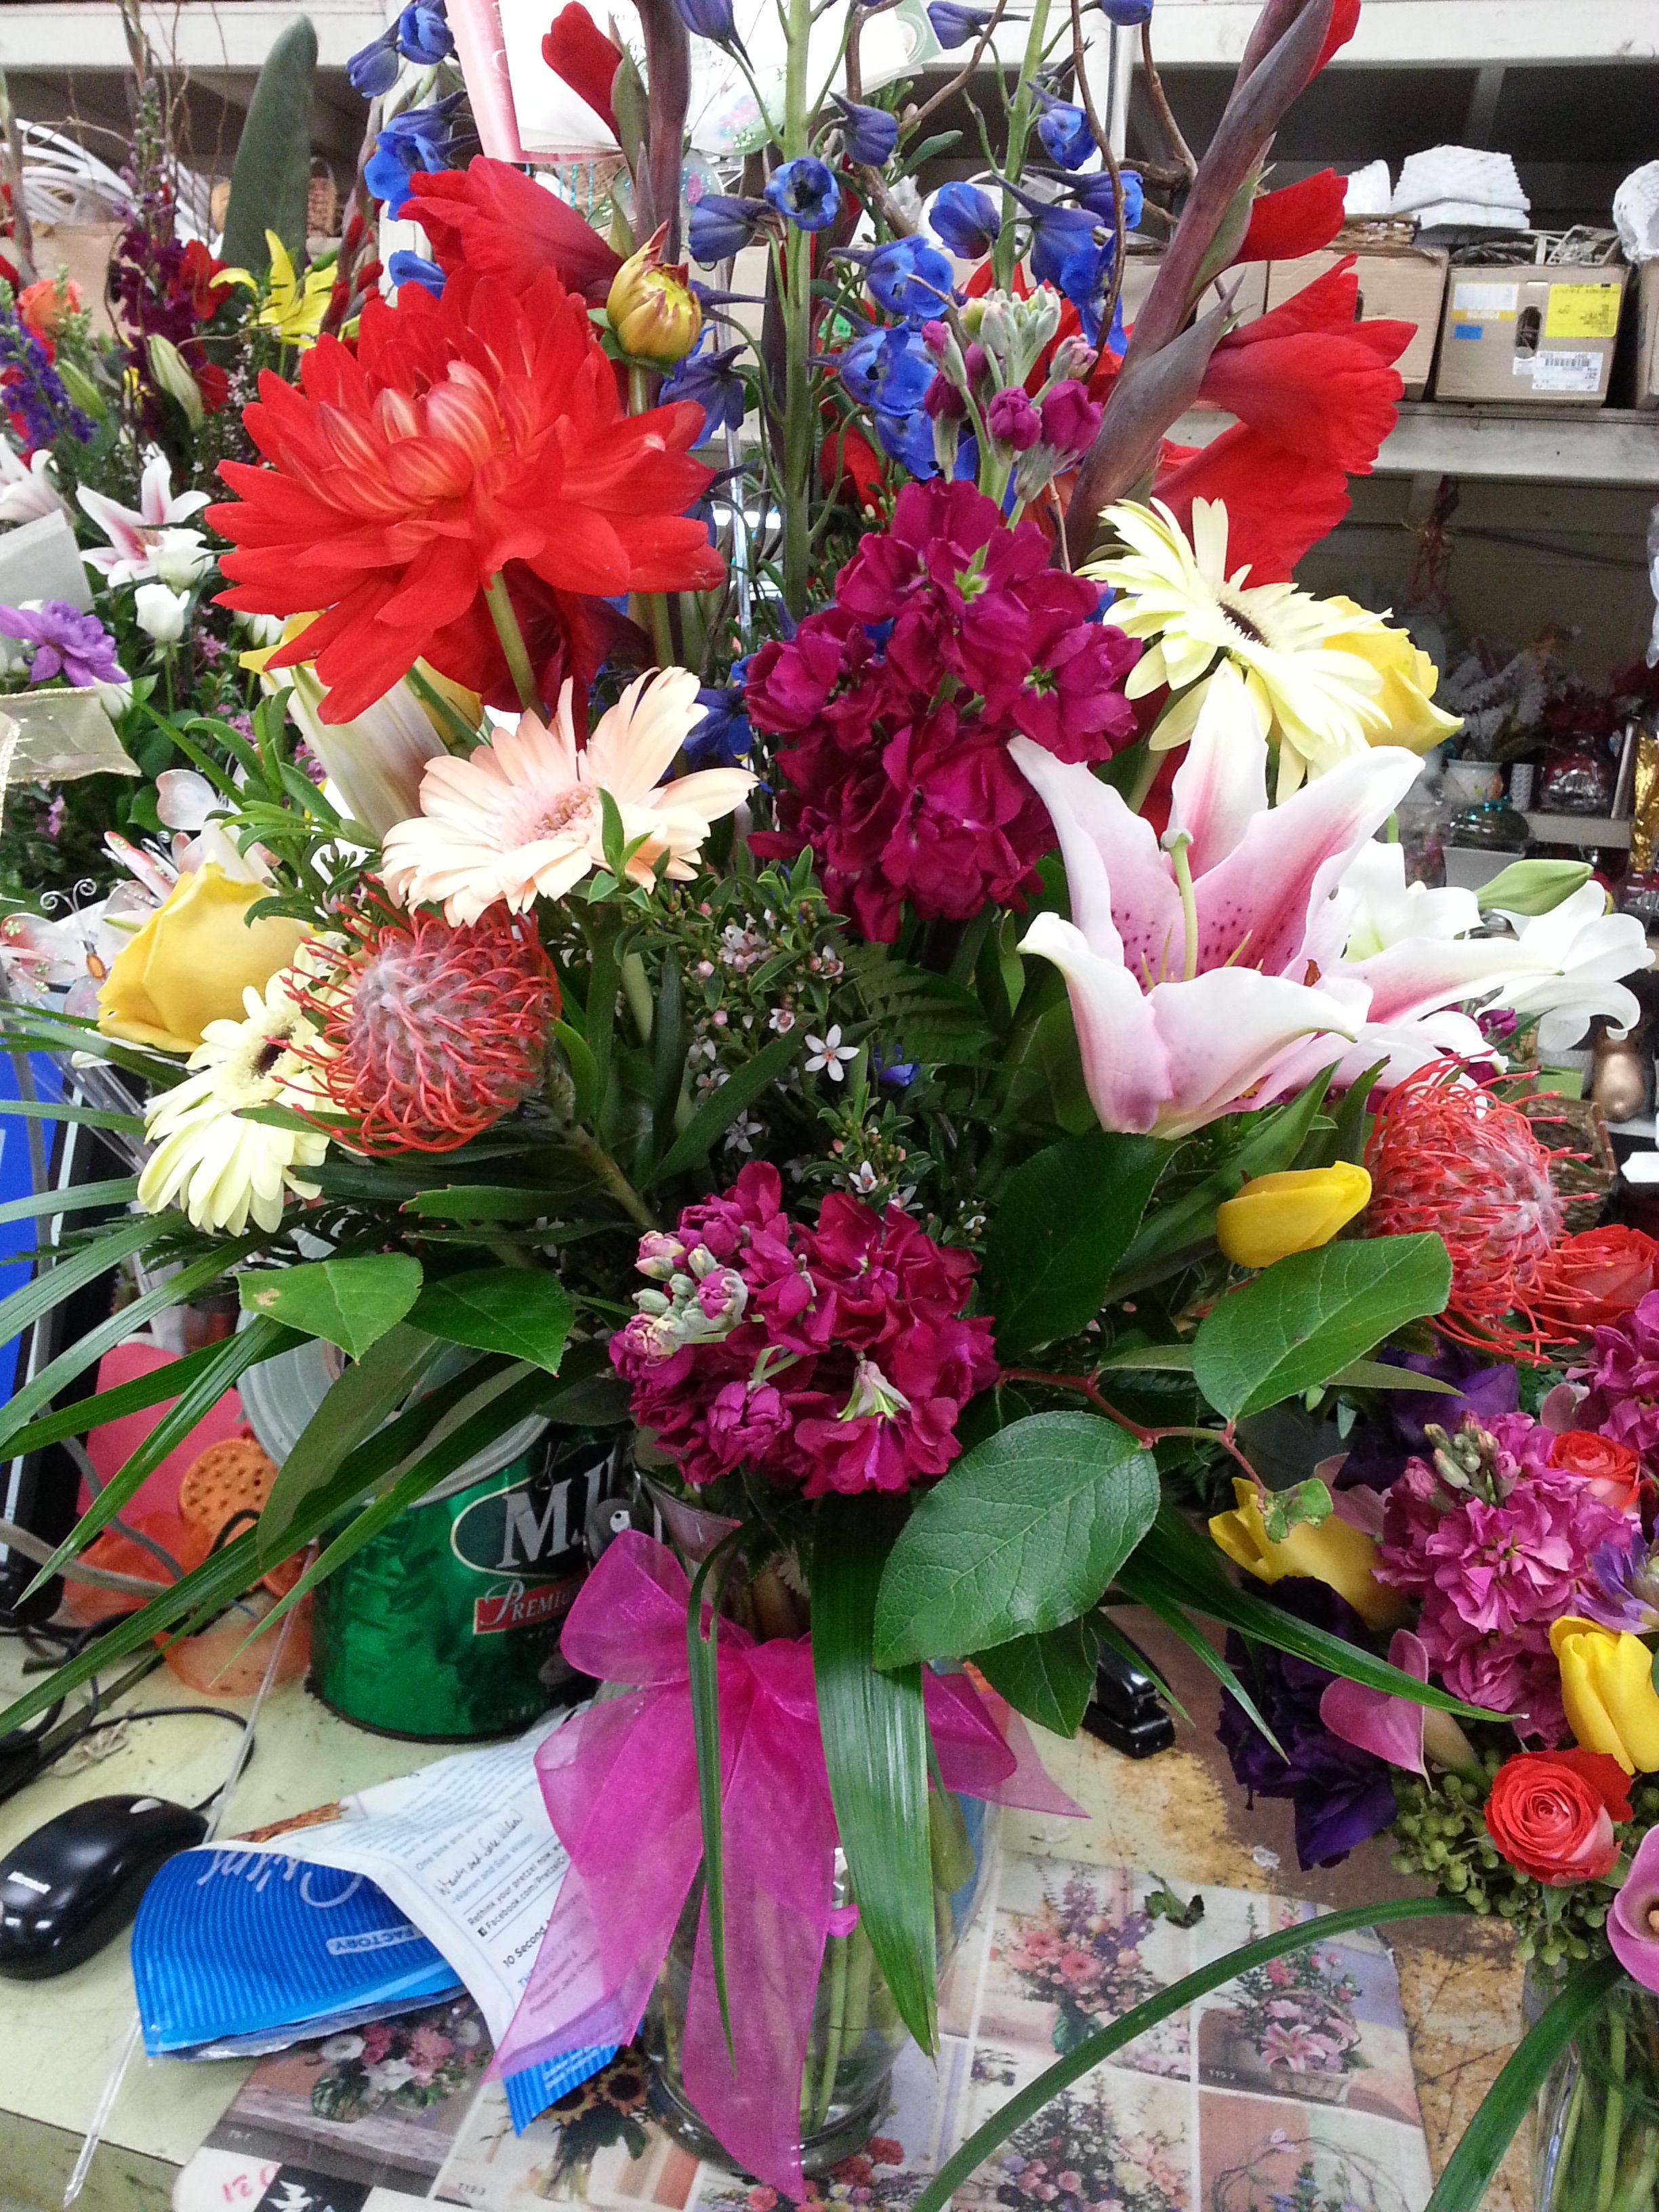 lirios, dalias, stock, con flores tropicales como la protea le dan un toque unico y distinctivo como MAMA!!